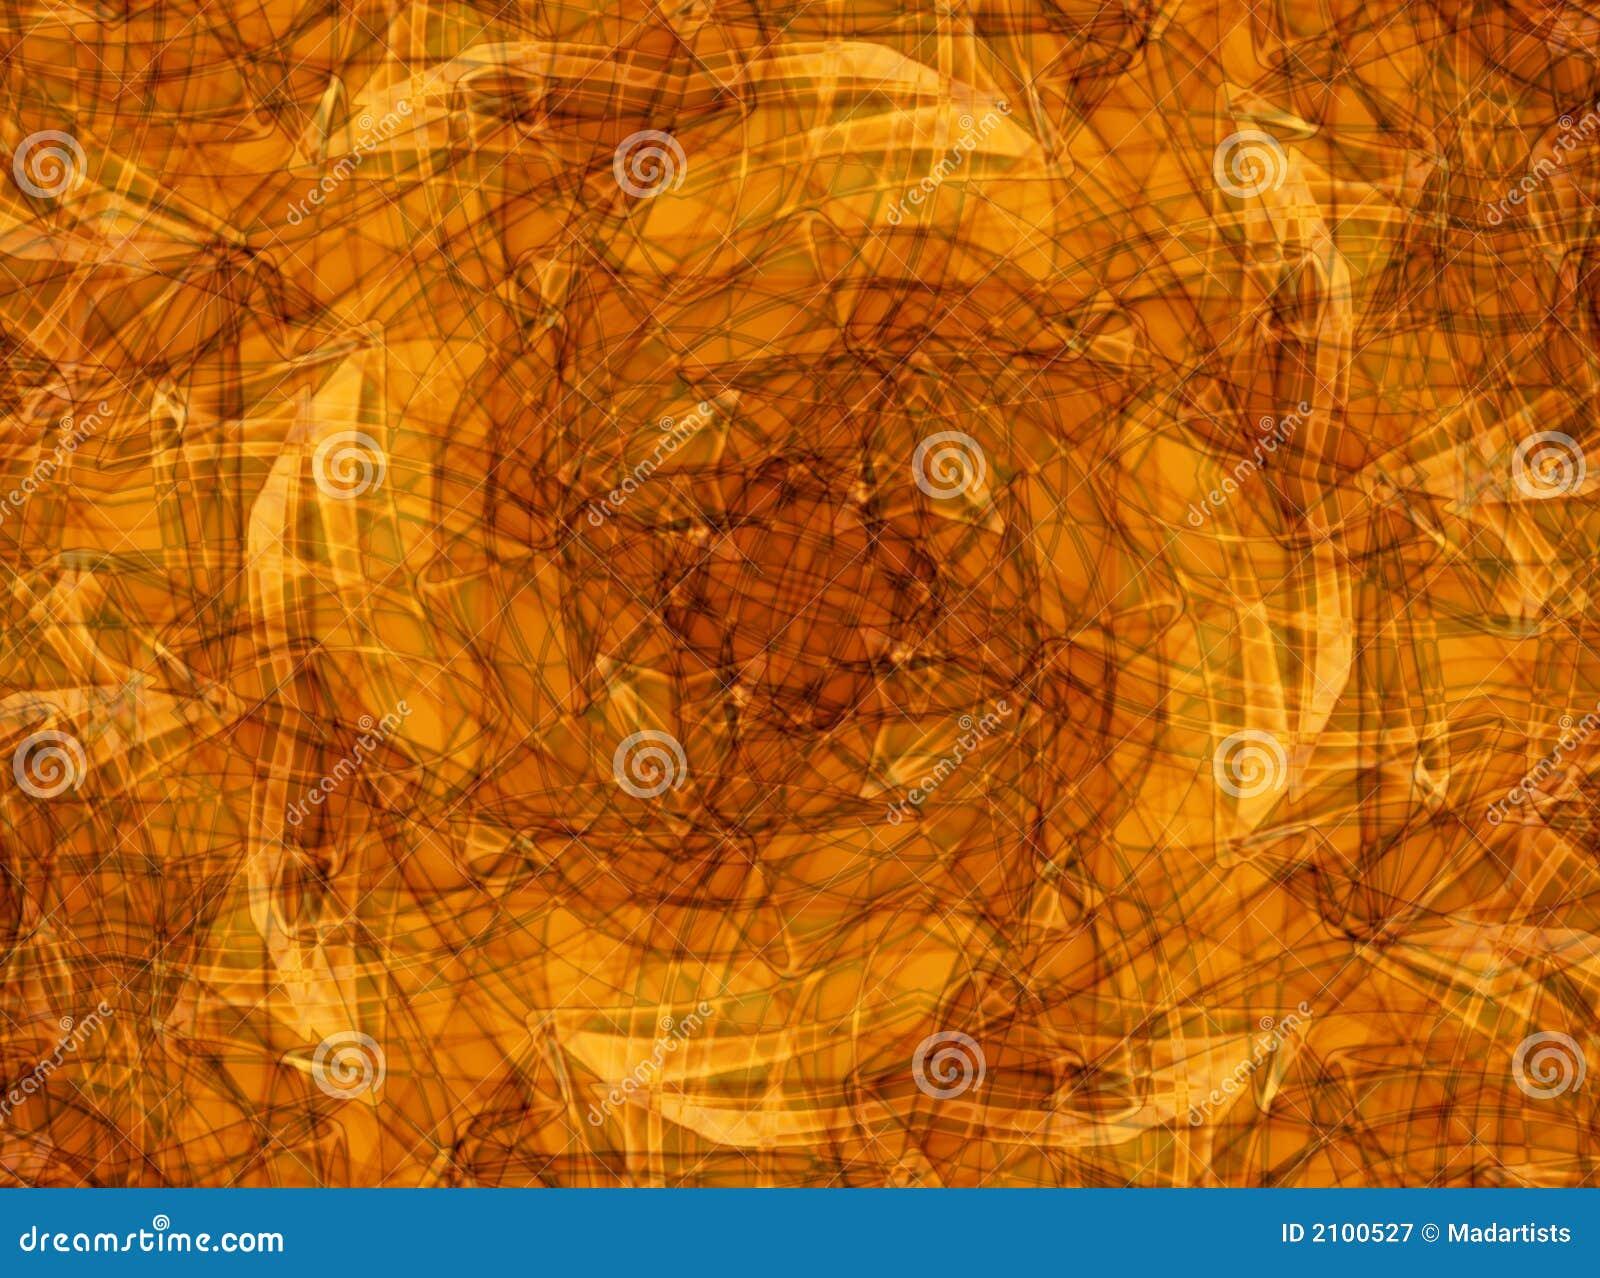 orange background free stock - photo #49